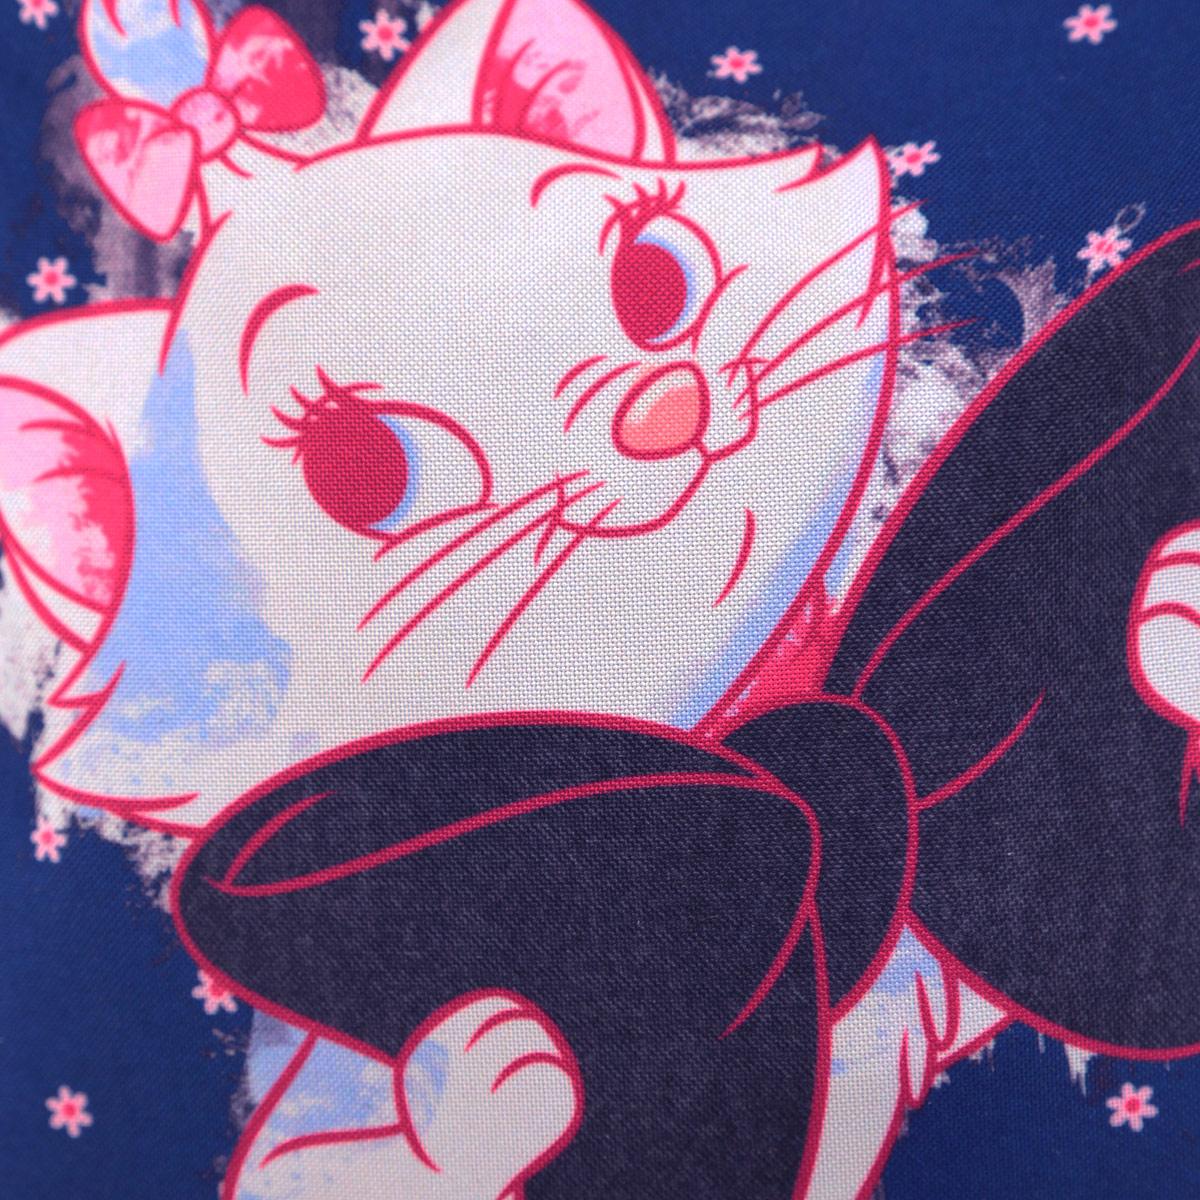 Детская сумочка Marie Cat - это модный аксессуар для юной поклонницы популярного мультфильма . Сумочка выполнена из прочного материала и оформлена с лицевой стороны изображением милой кошечки. Сумочка содержит компактное одно отделение и закрывается с помощью застежки-молнии. Сумочка оснащена регулируемым по длине ремнем для переноски, благодаря чему подойдет детям любого роста.  Порадуйте свою малышку таким замечательным подарком!